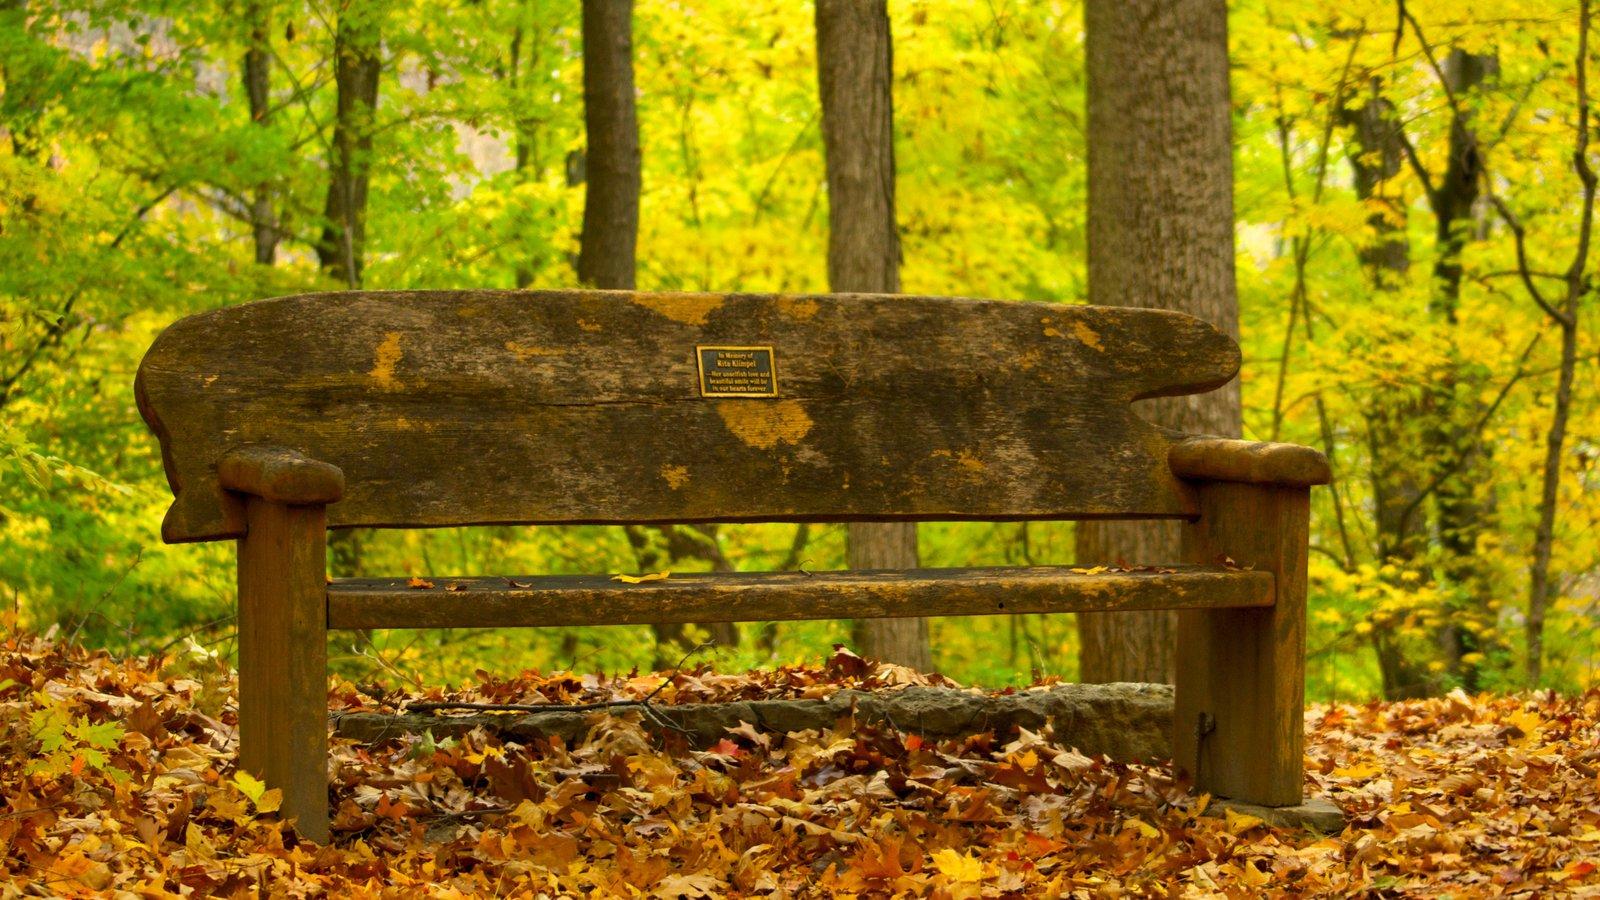 Edwin and Percy Warner Parks mostrando un jardín, hojas de otoño y escenas forestales